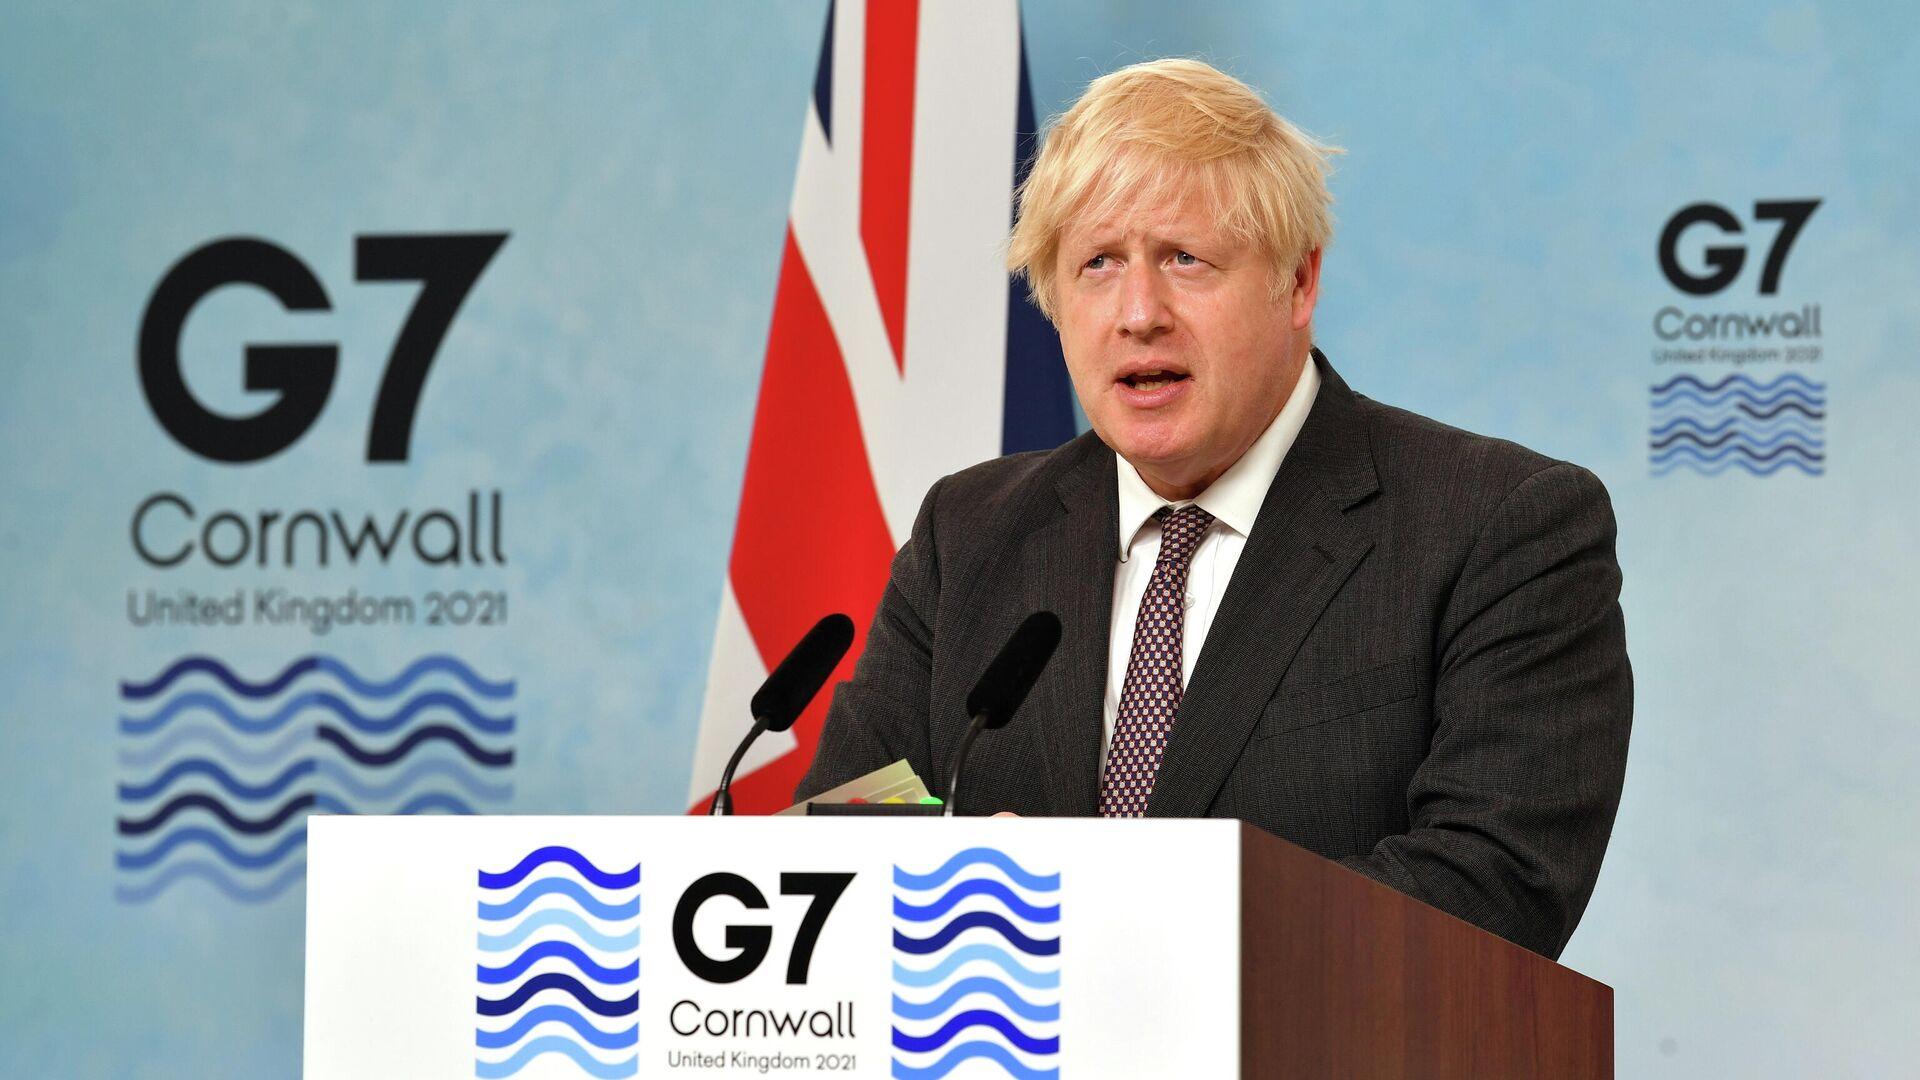 Премьер-министр Великобритании Борис Джонсон выступает на пресс-конференции по окончании саммита G7 в Великобритании - РИА Новости, 1920, 14.06.2021